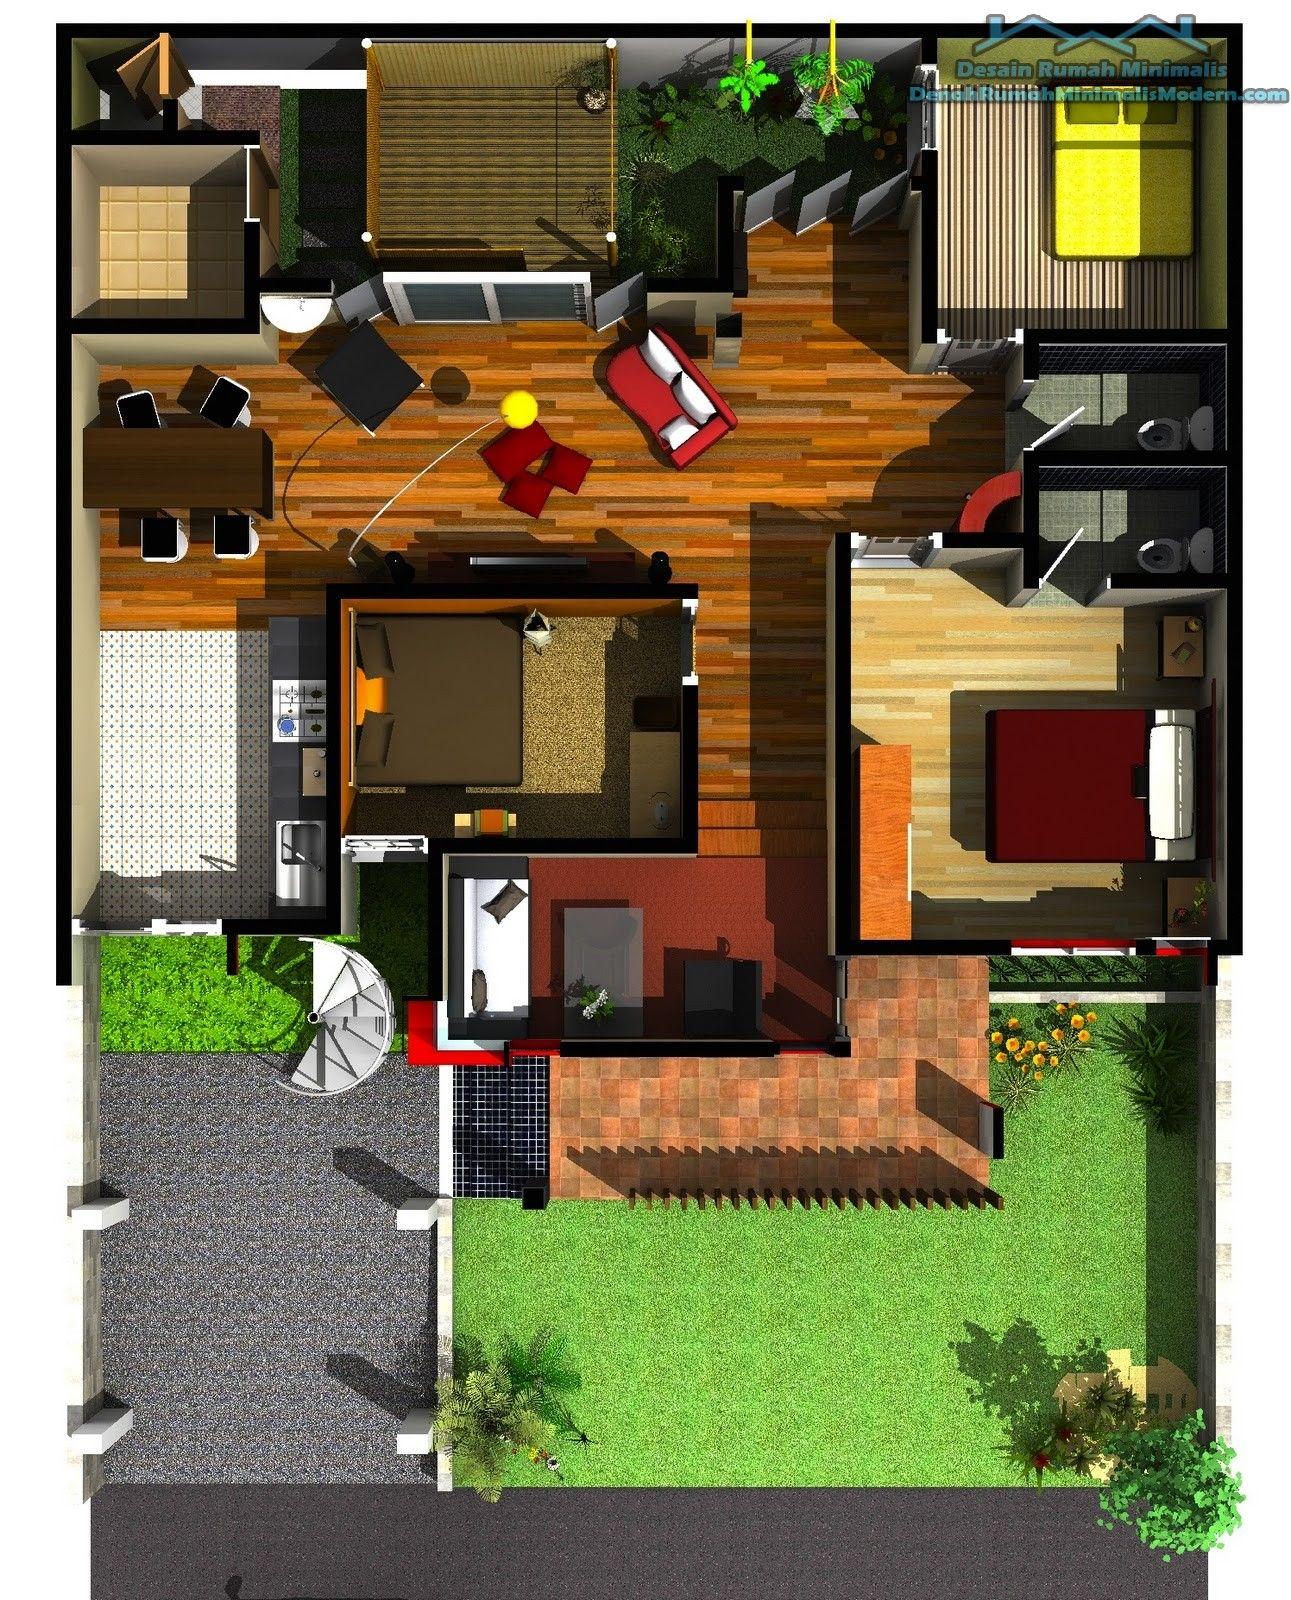 Contoh Gambar Denah Rumah Minimalis 1 Lantai Idaman Pinterest